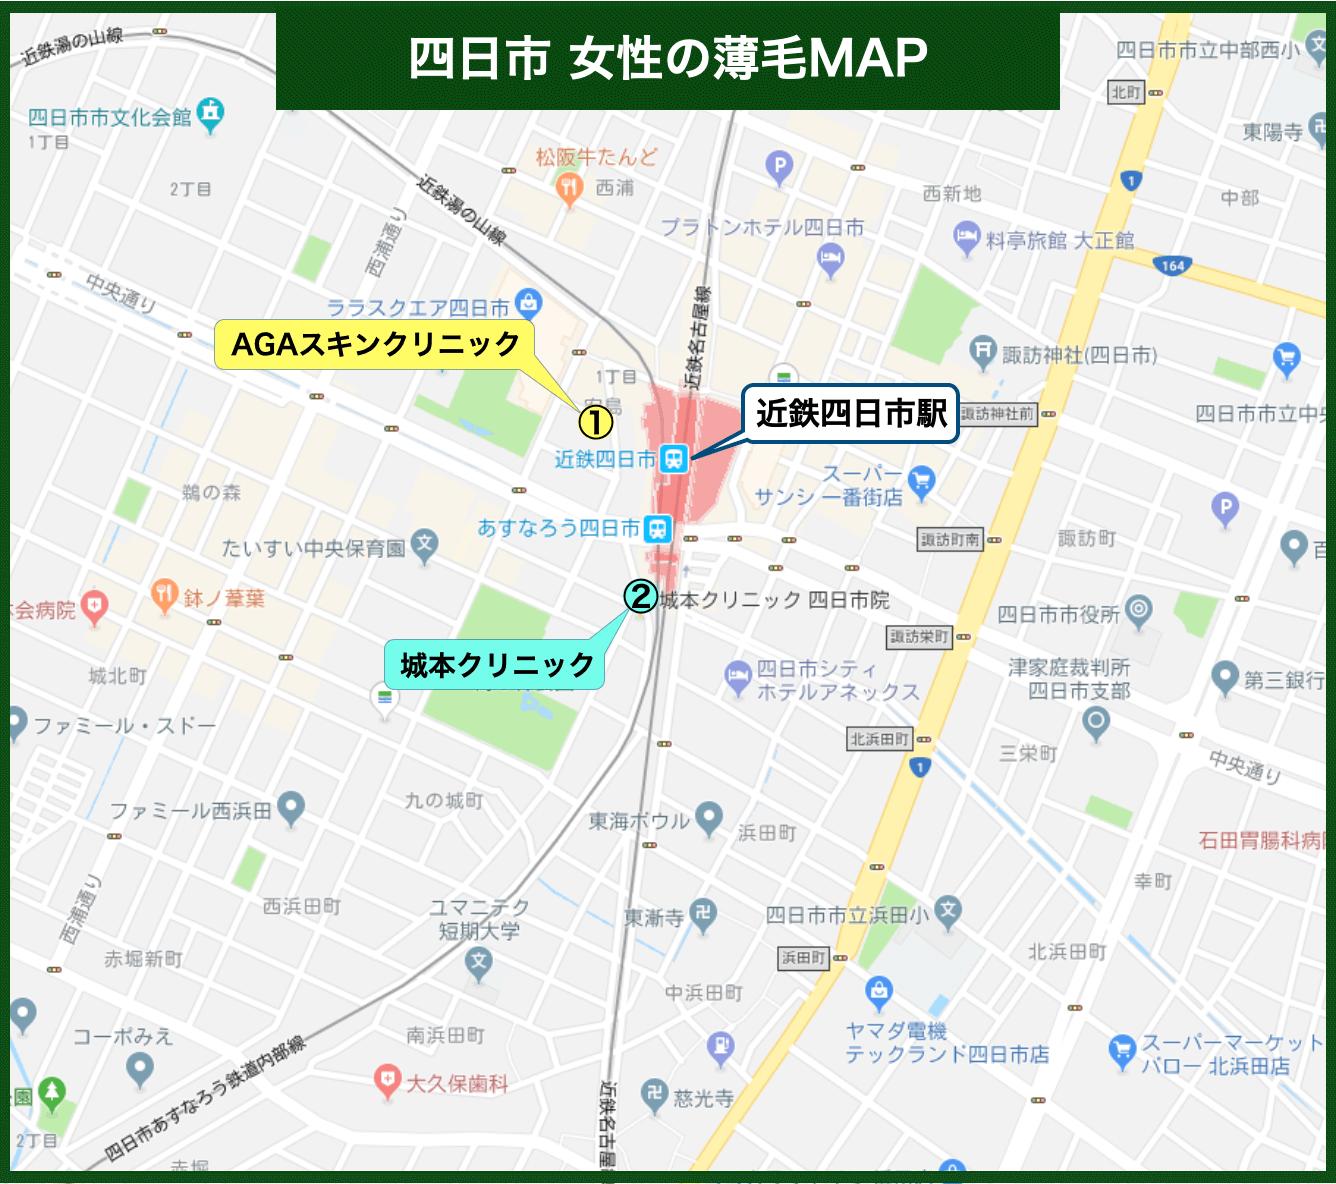 四日市 女性の薄毛MAP